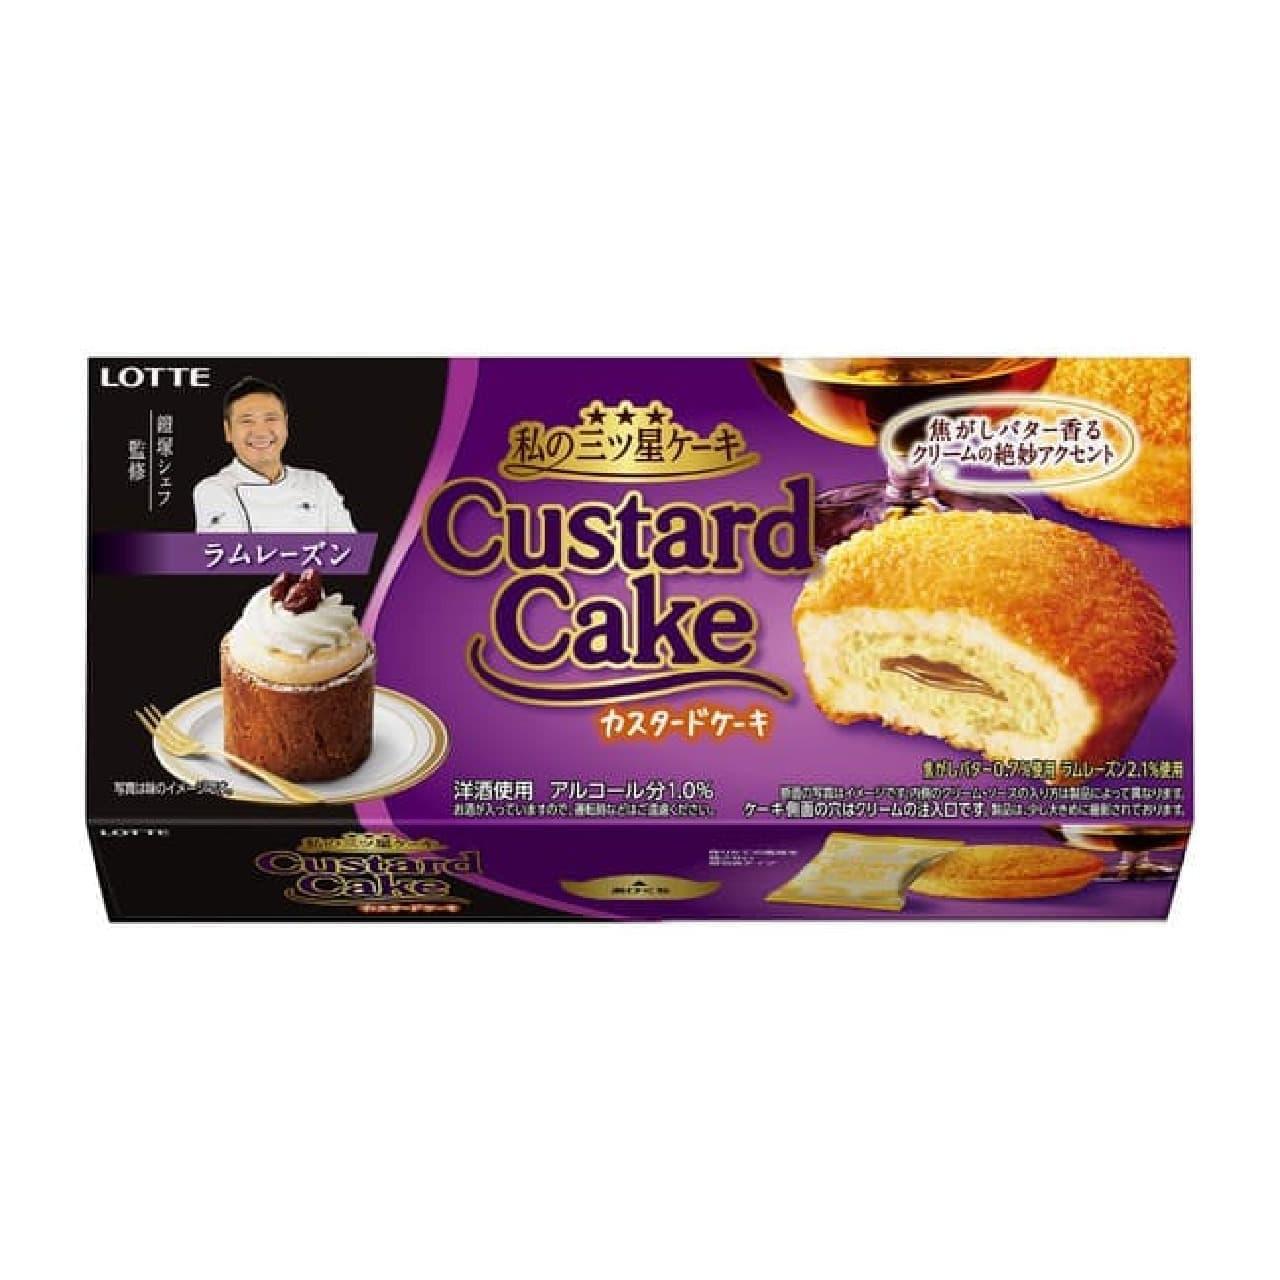 カスタードケーキ<ラムレーズン>